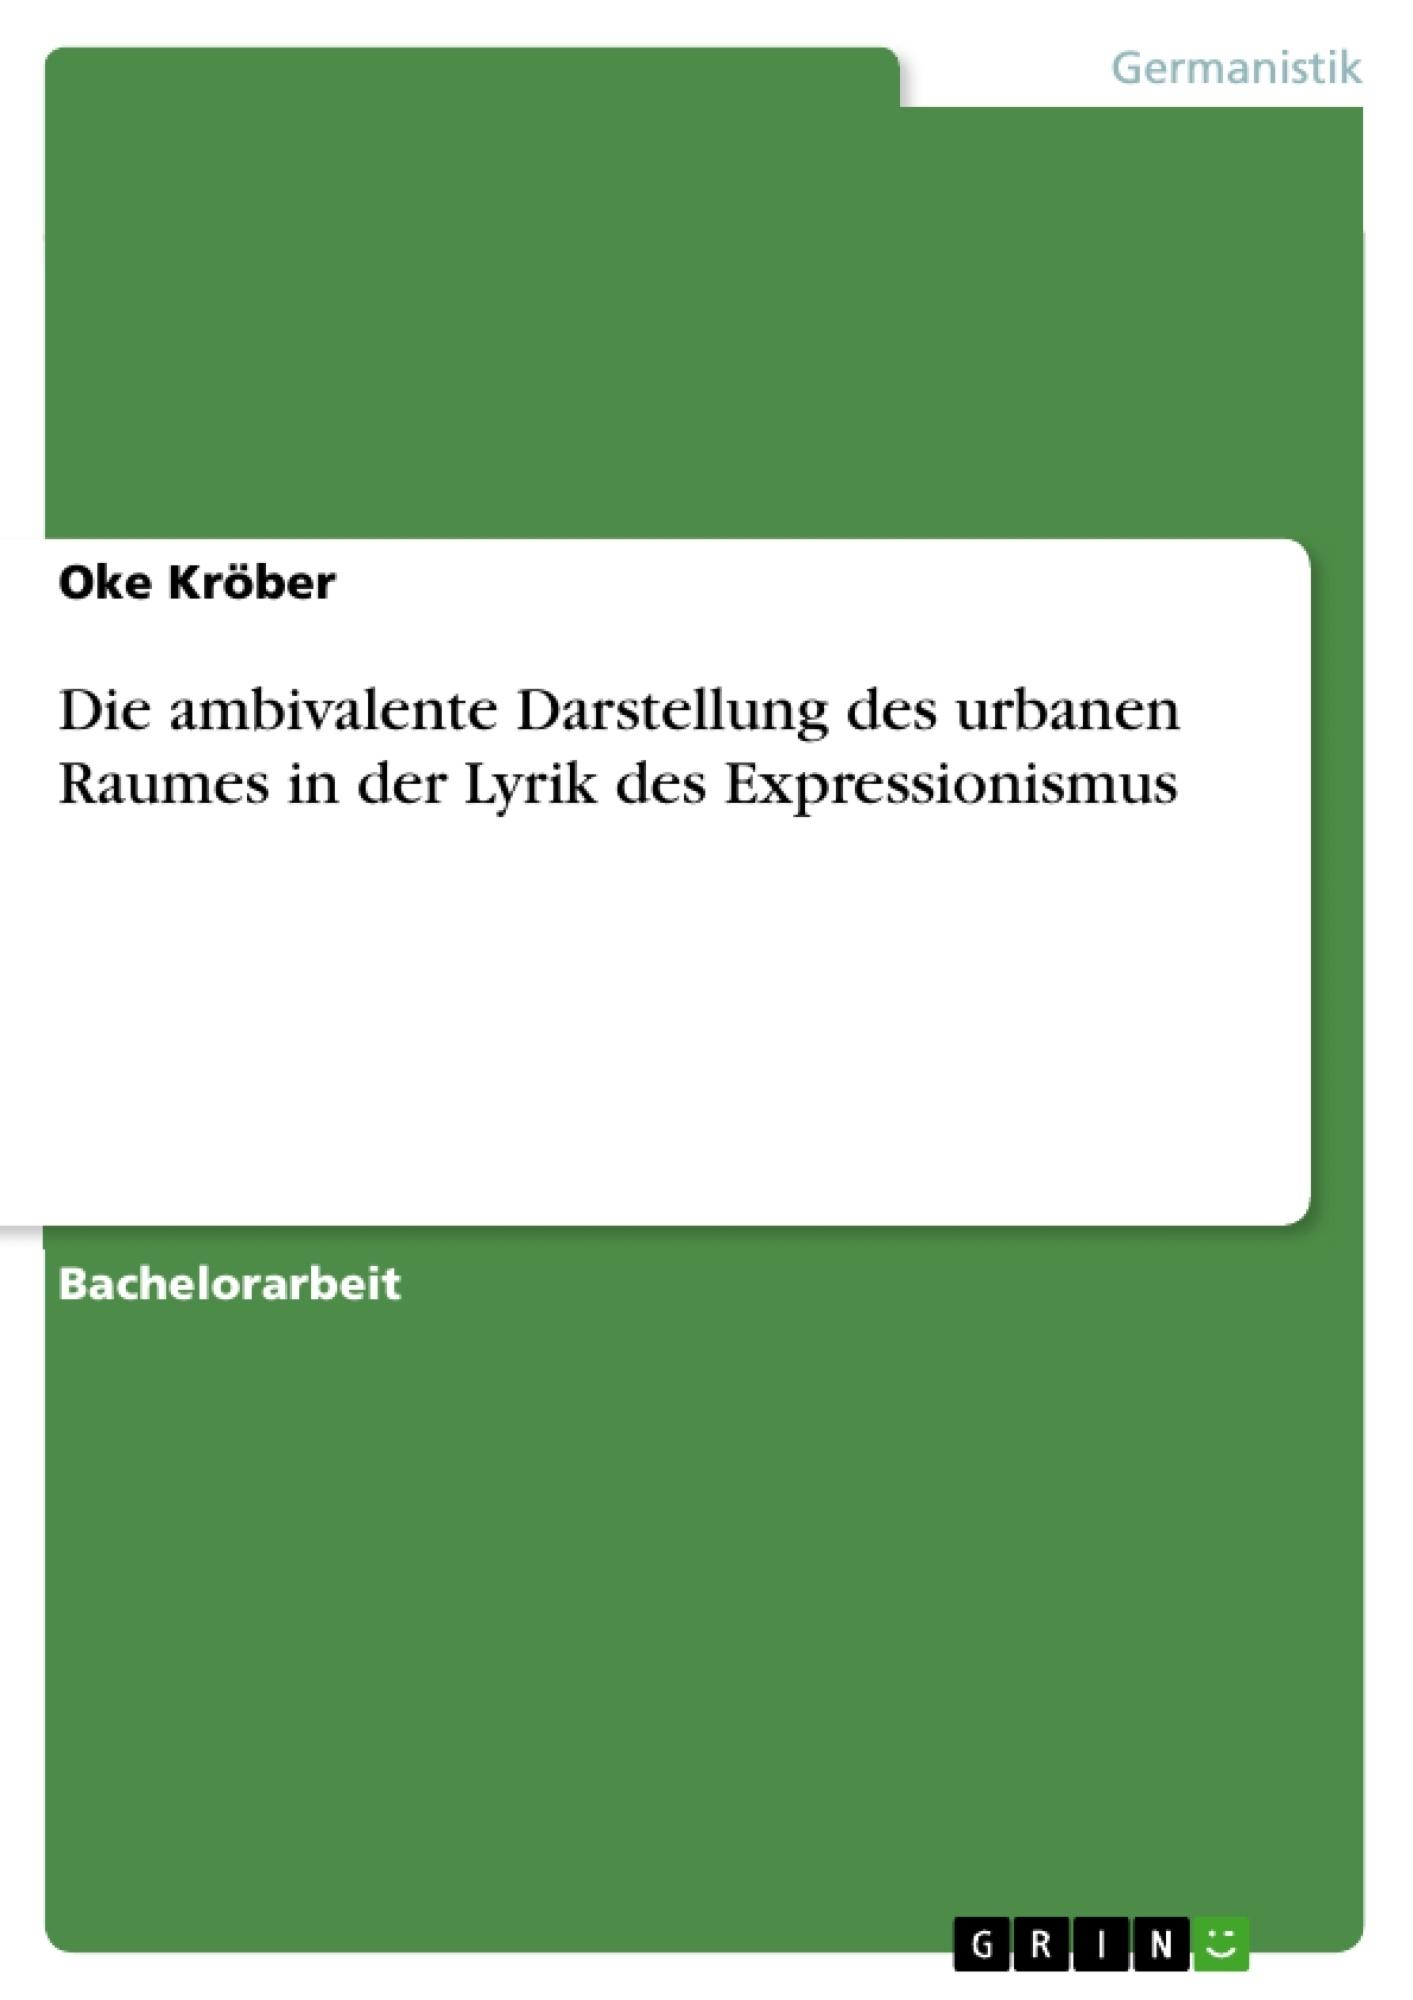 Titel: Die ambivalente Darstellung des urbanen Raumes in der Lyrik des Expressionismus